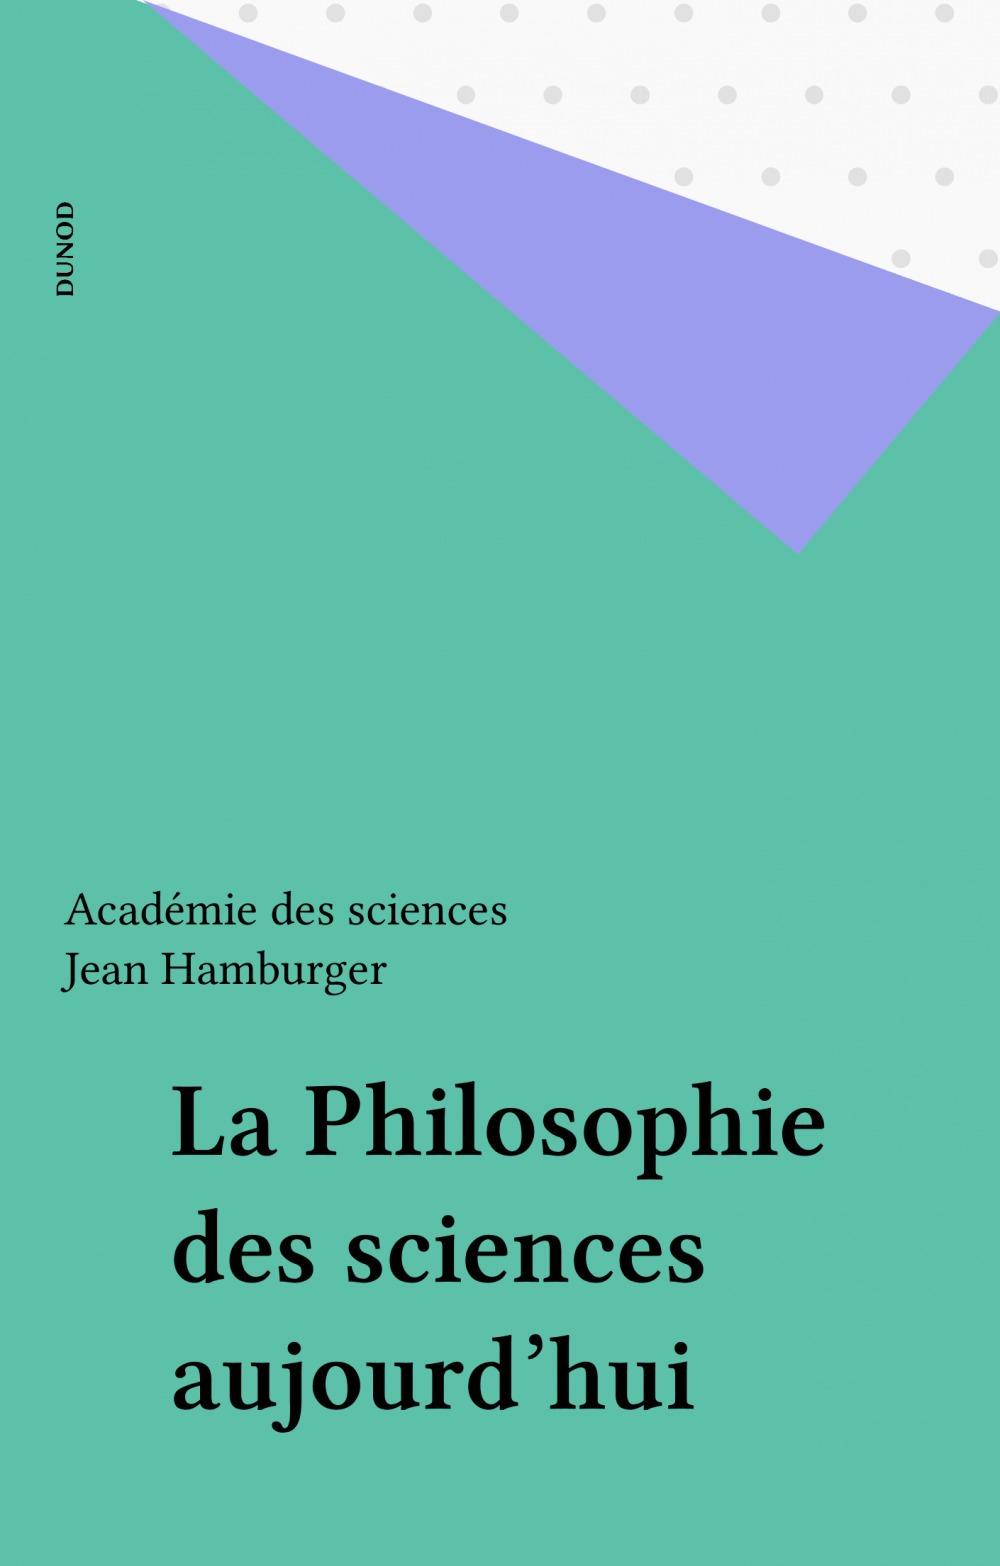 La philosophie des sciences aujourd'hui